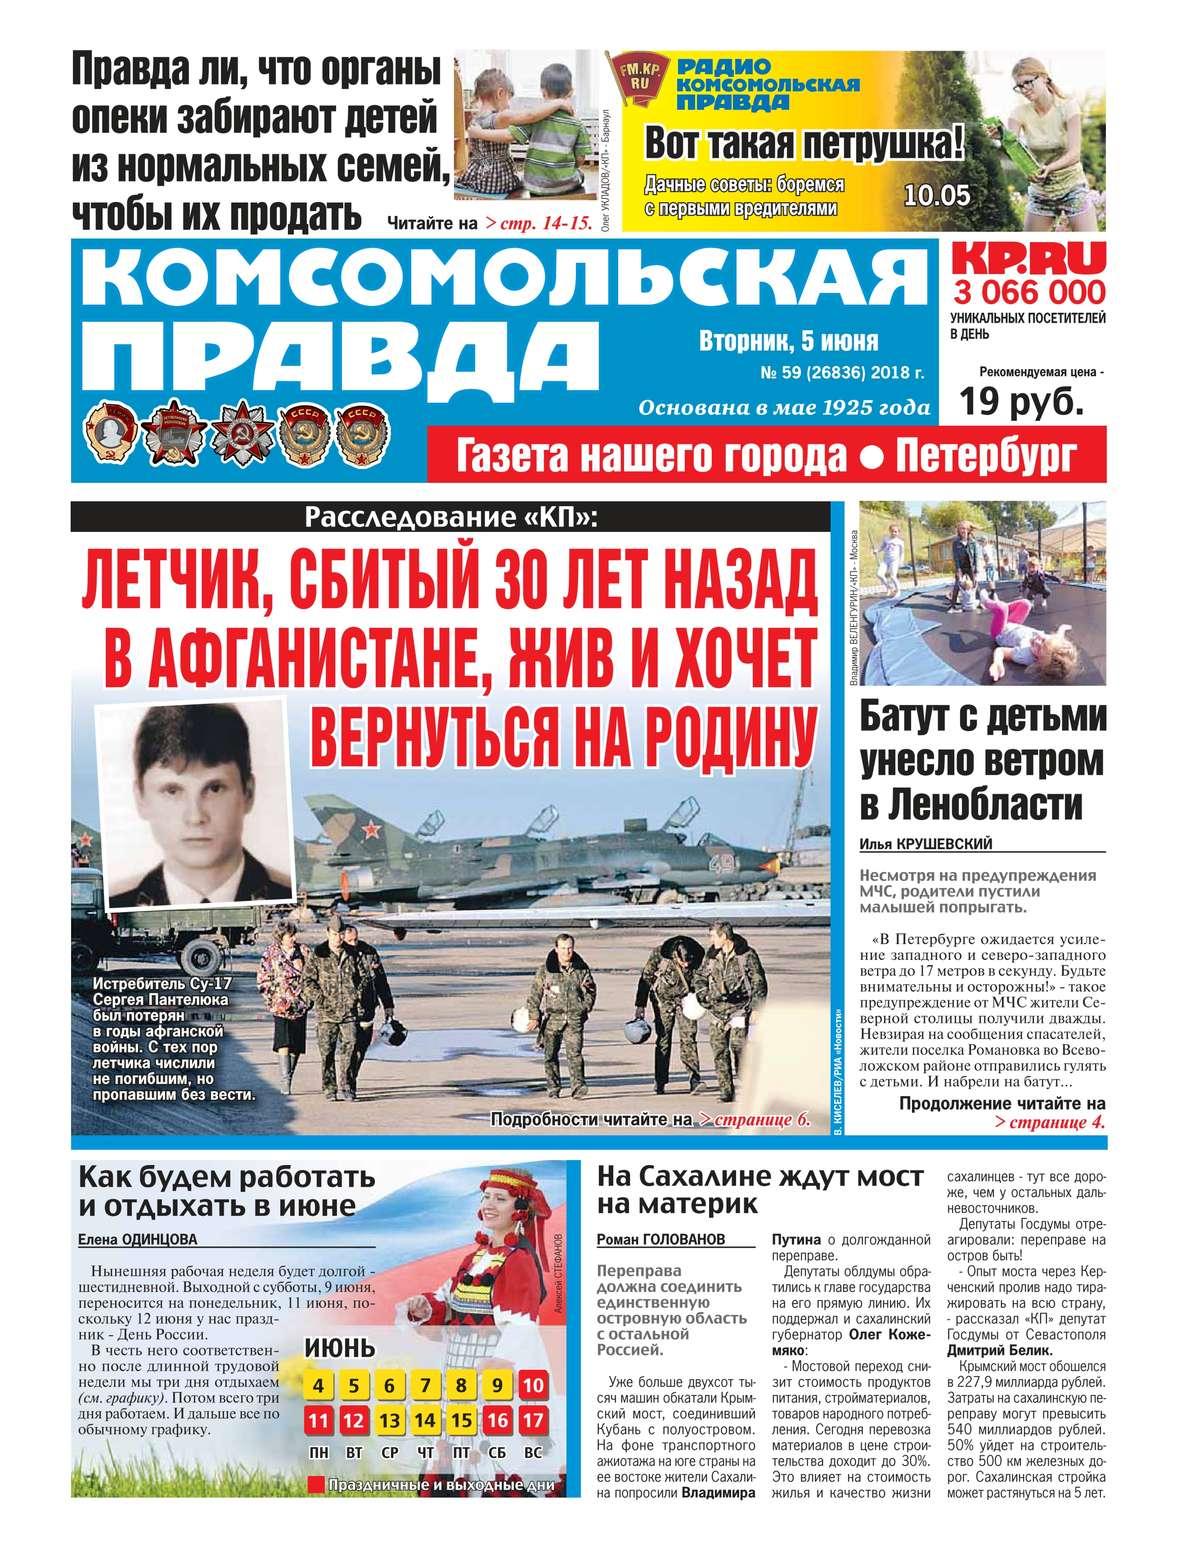 Редакция газеты Комсомольская Правда. - Комсомольская Правда. - 59-2018